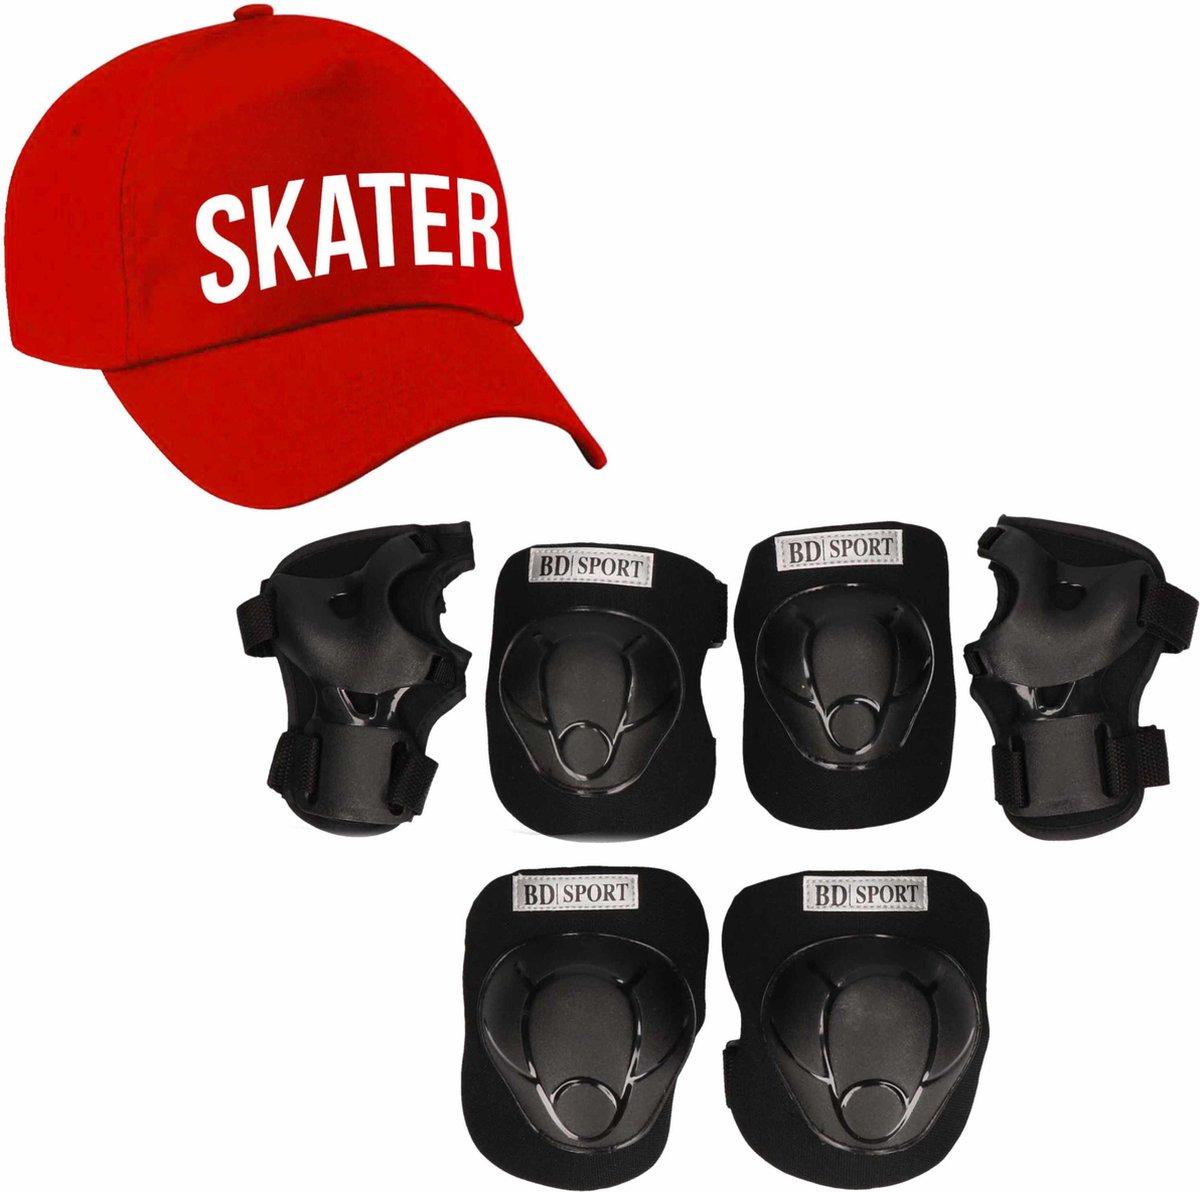 Set van valbescherming voor kinderen maat L / 9 tot 10 jaar met een stoere SKATER pet rood